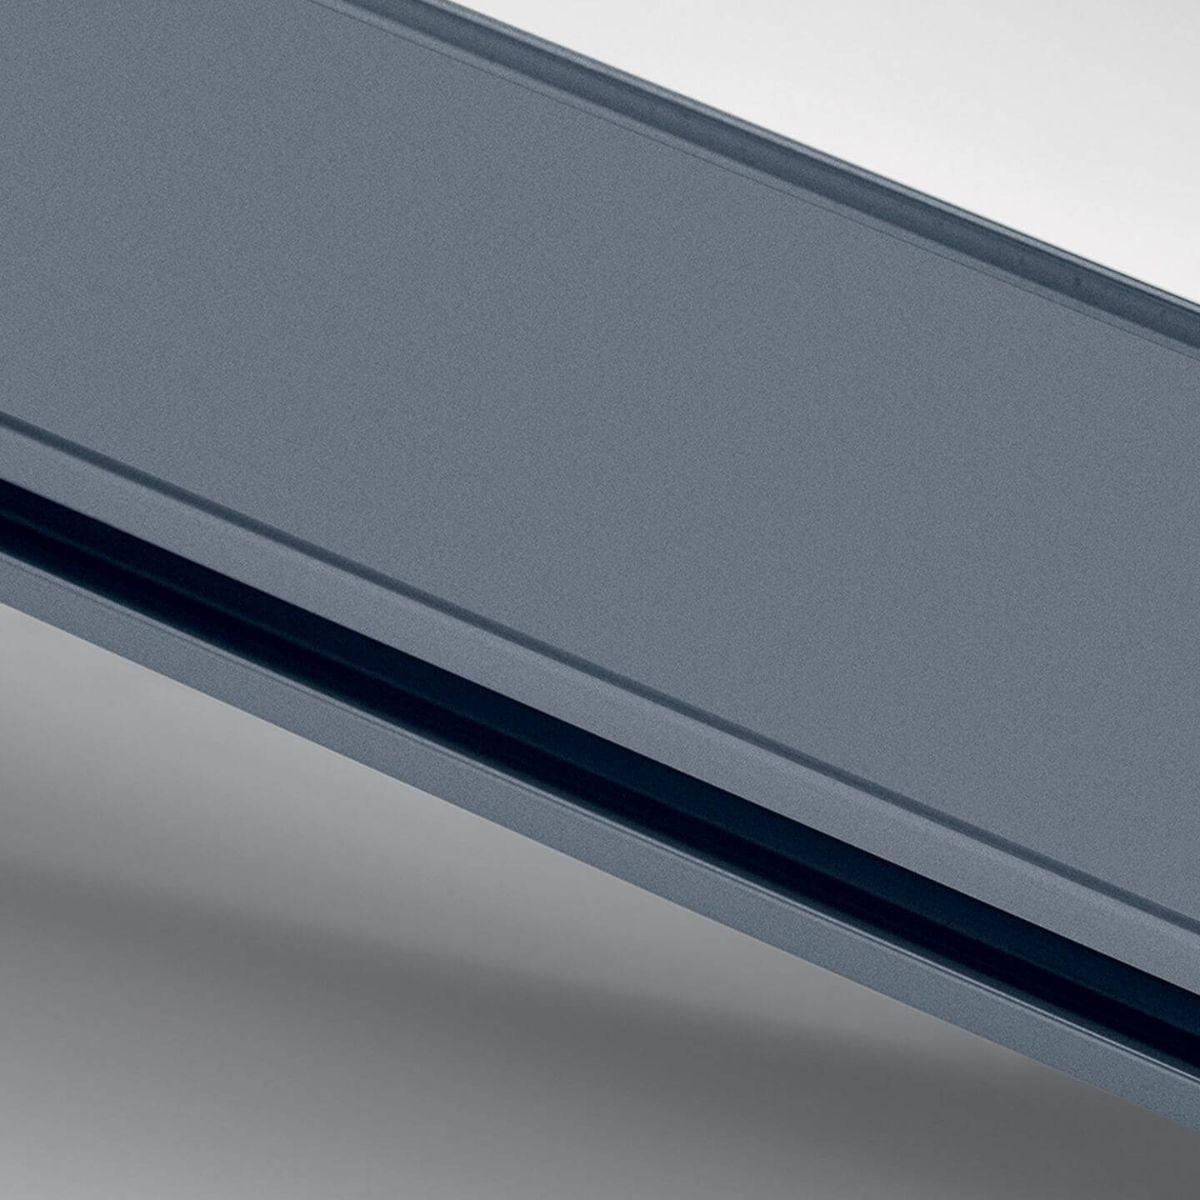 Finitura alluminio anodizzato blu chimico per parete in vetro